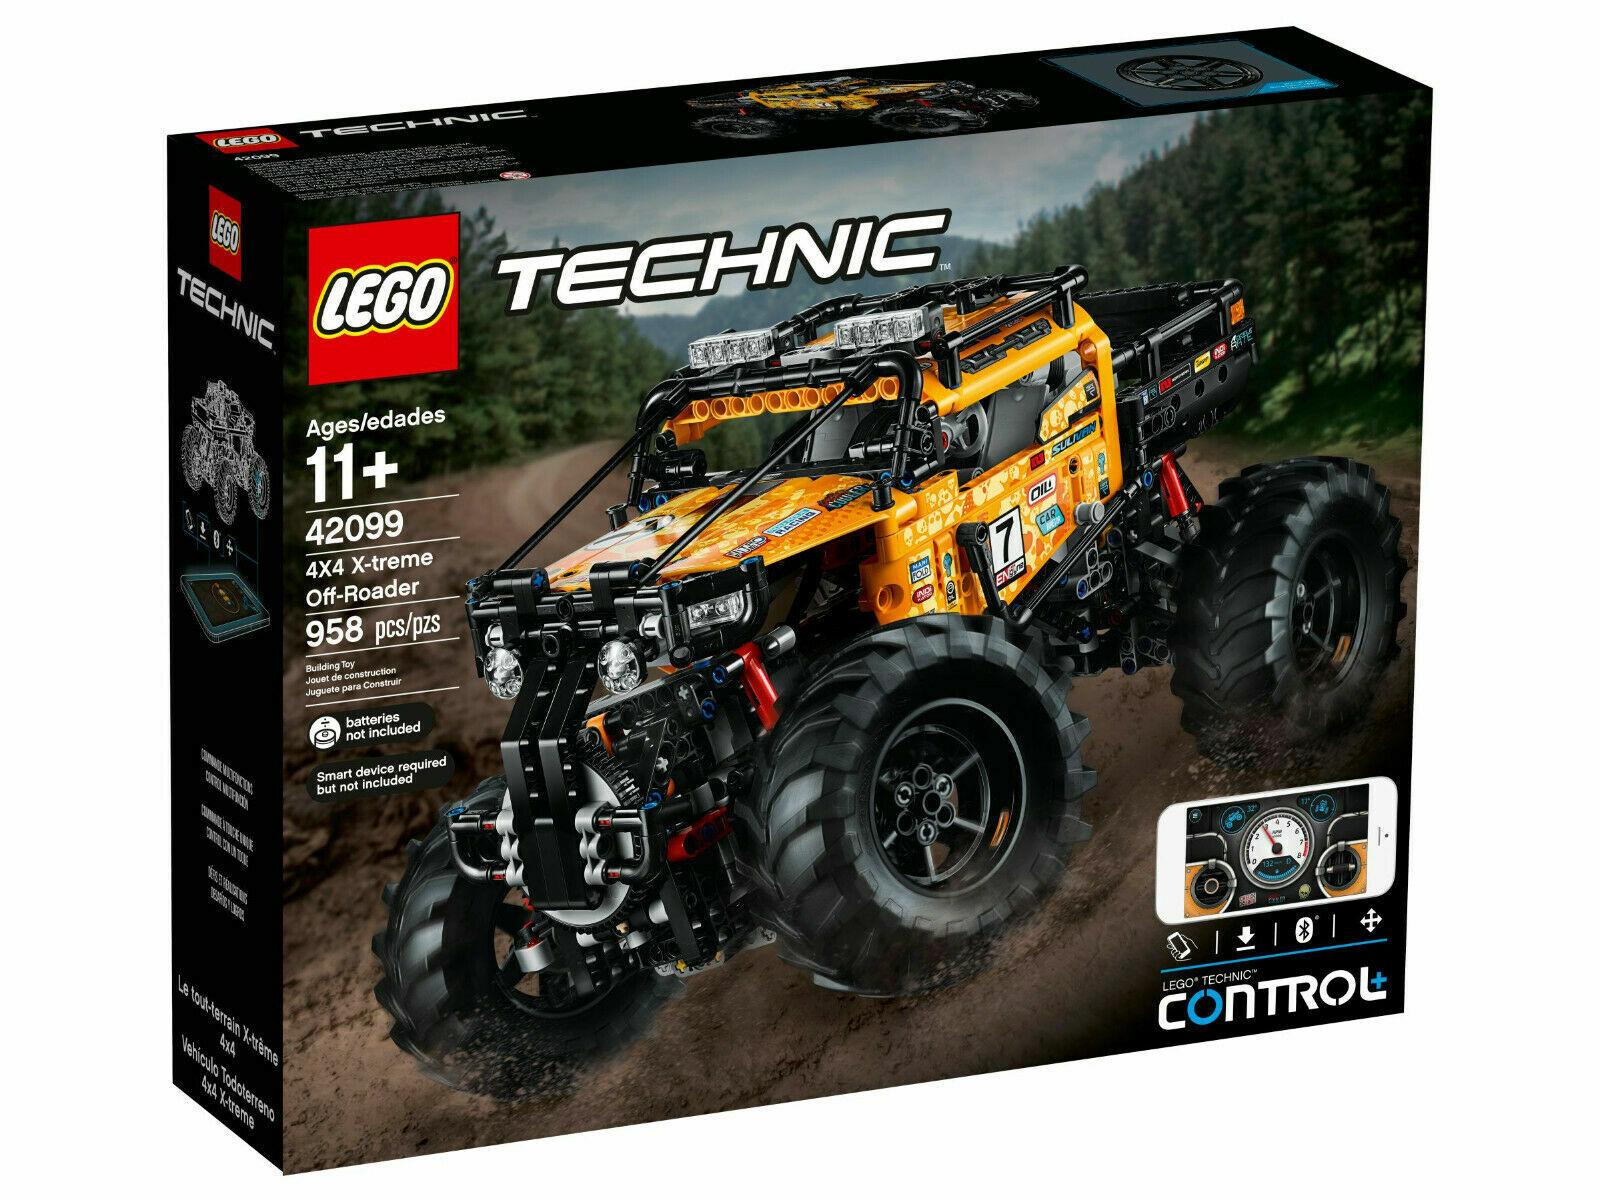 Lego Technic 42099 - Allrad Xtreme-Geländewagen NEU OVP